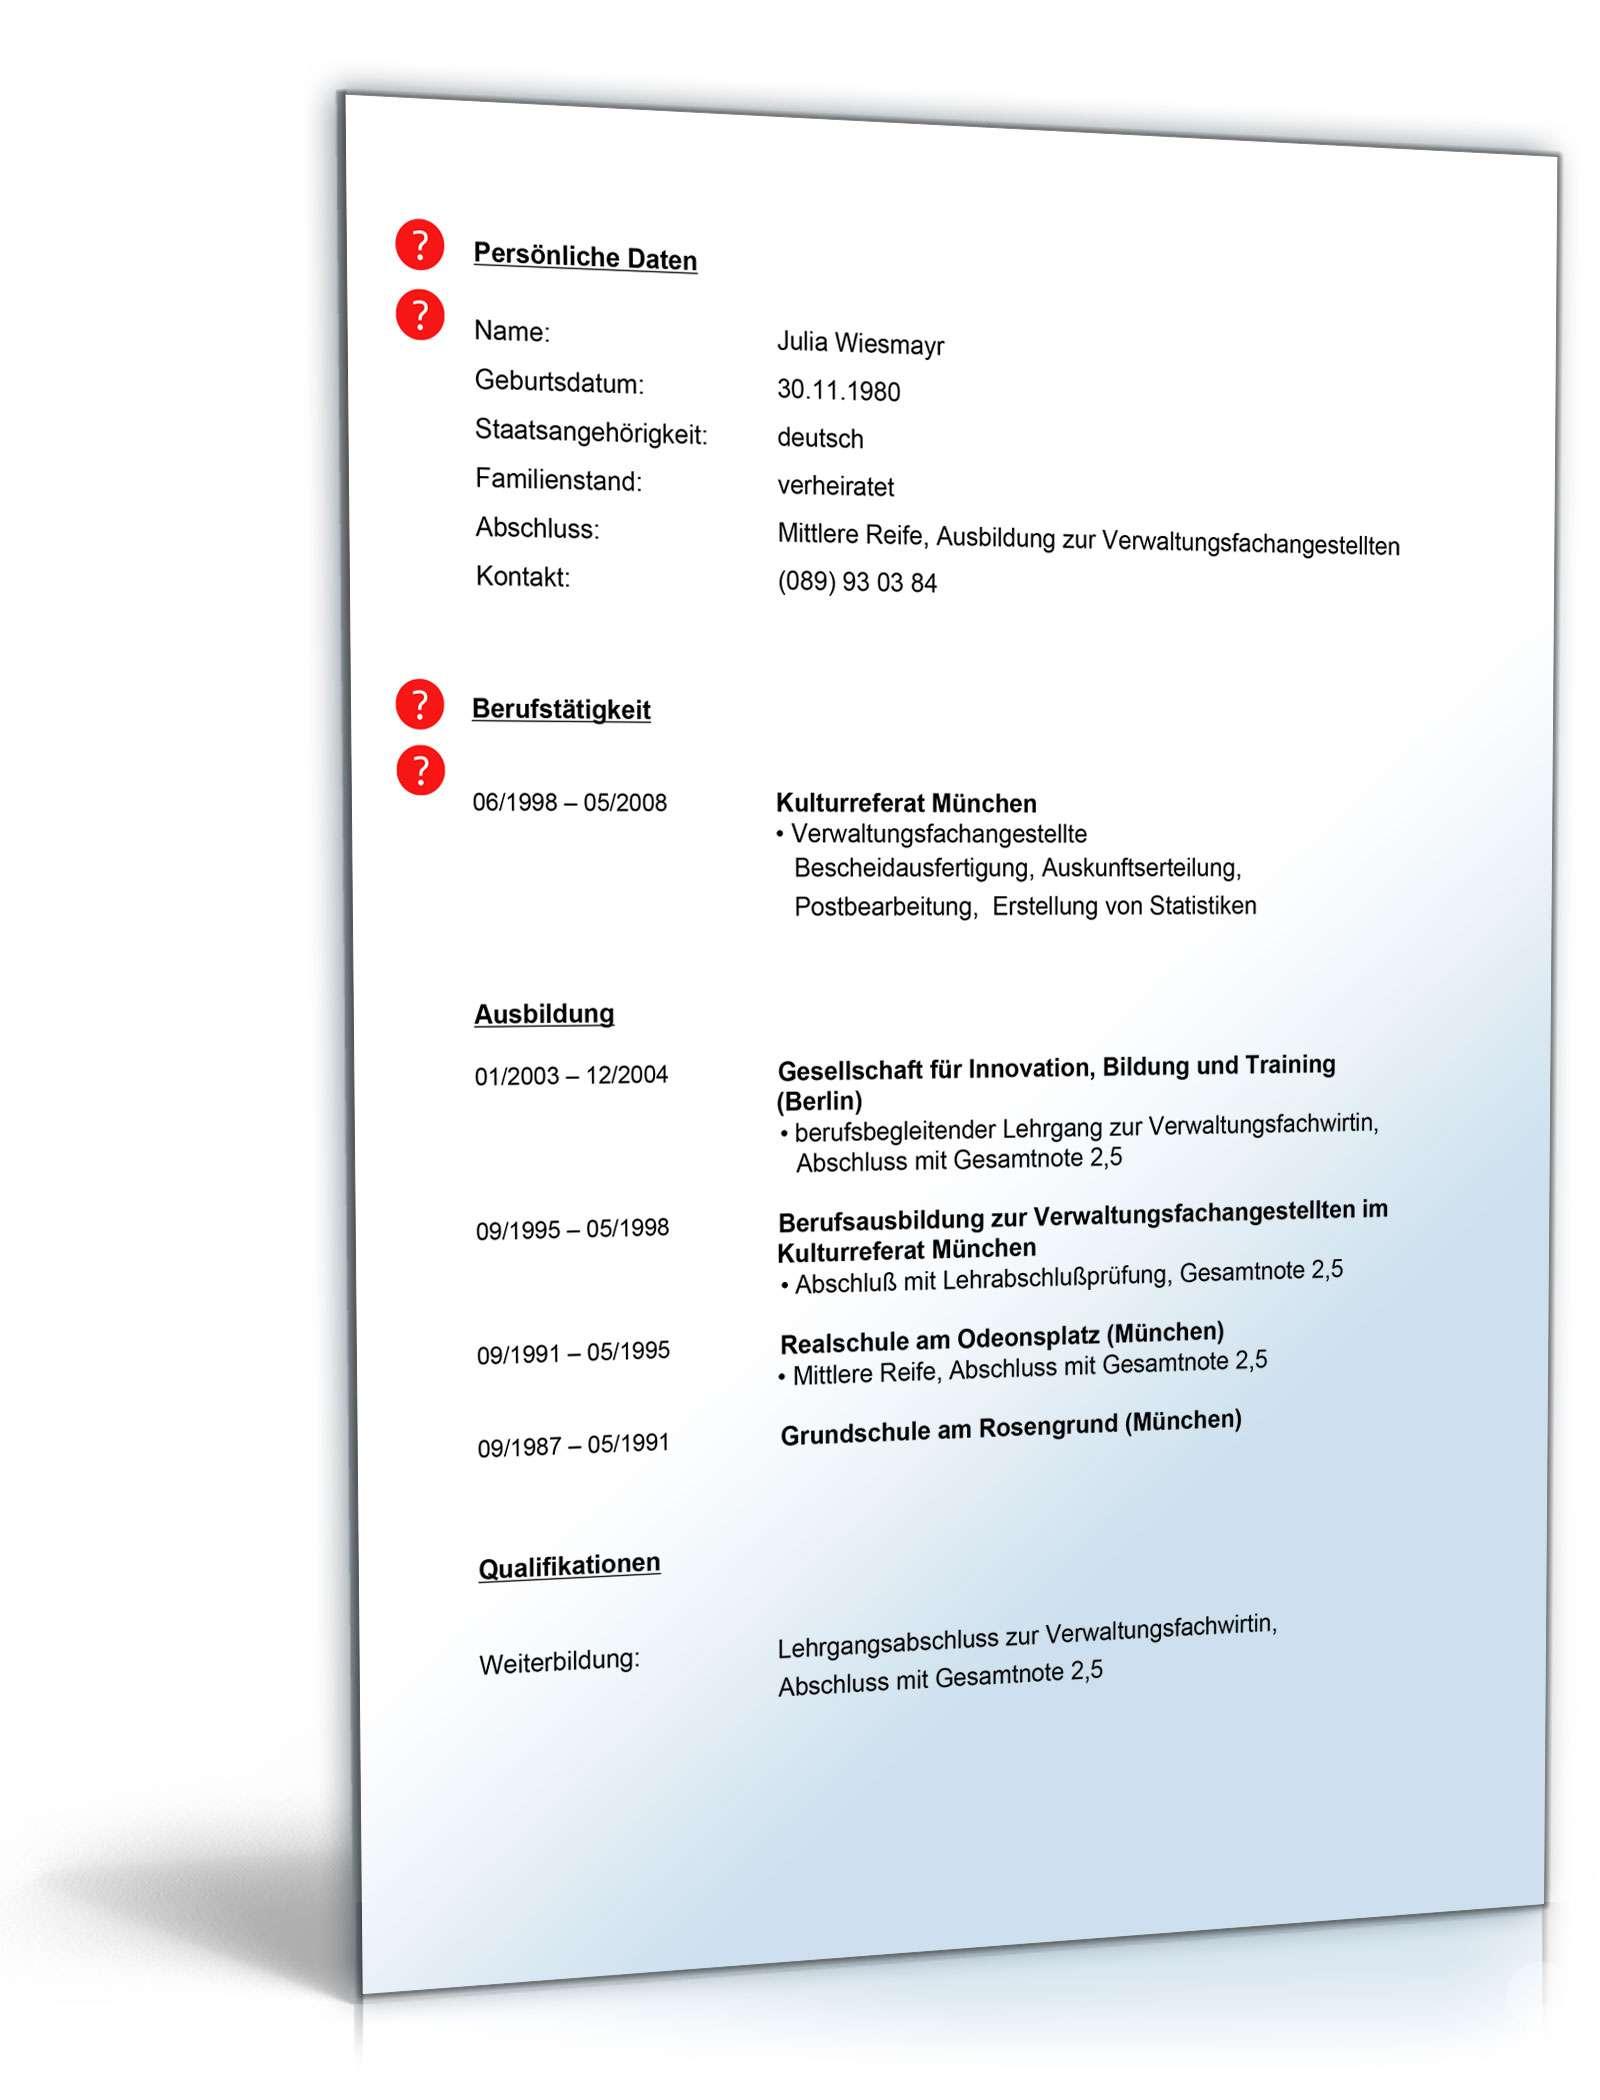 Fein Lebenslauf Vorlagen Finanzfachleute Bilder - Entry Level Resume ...